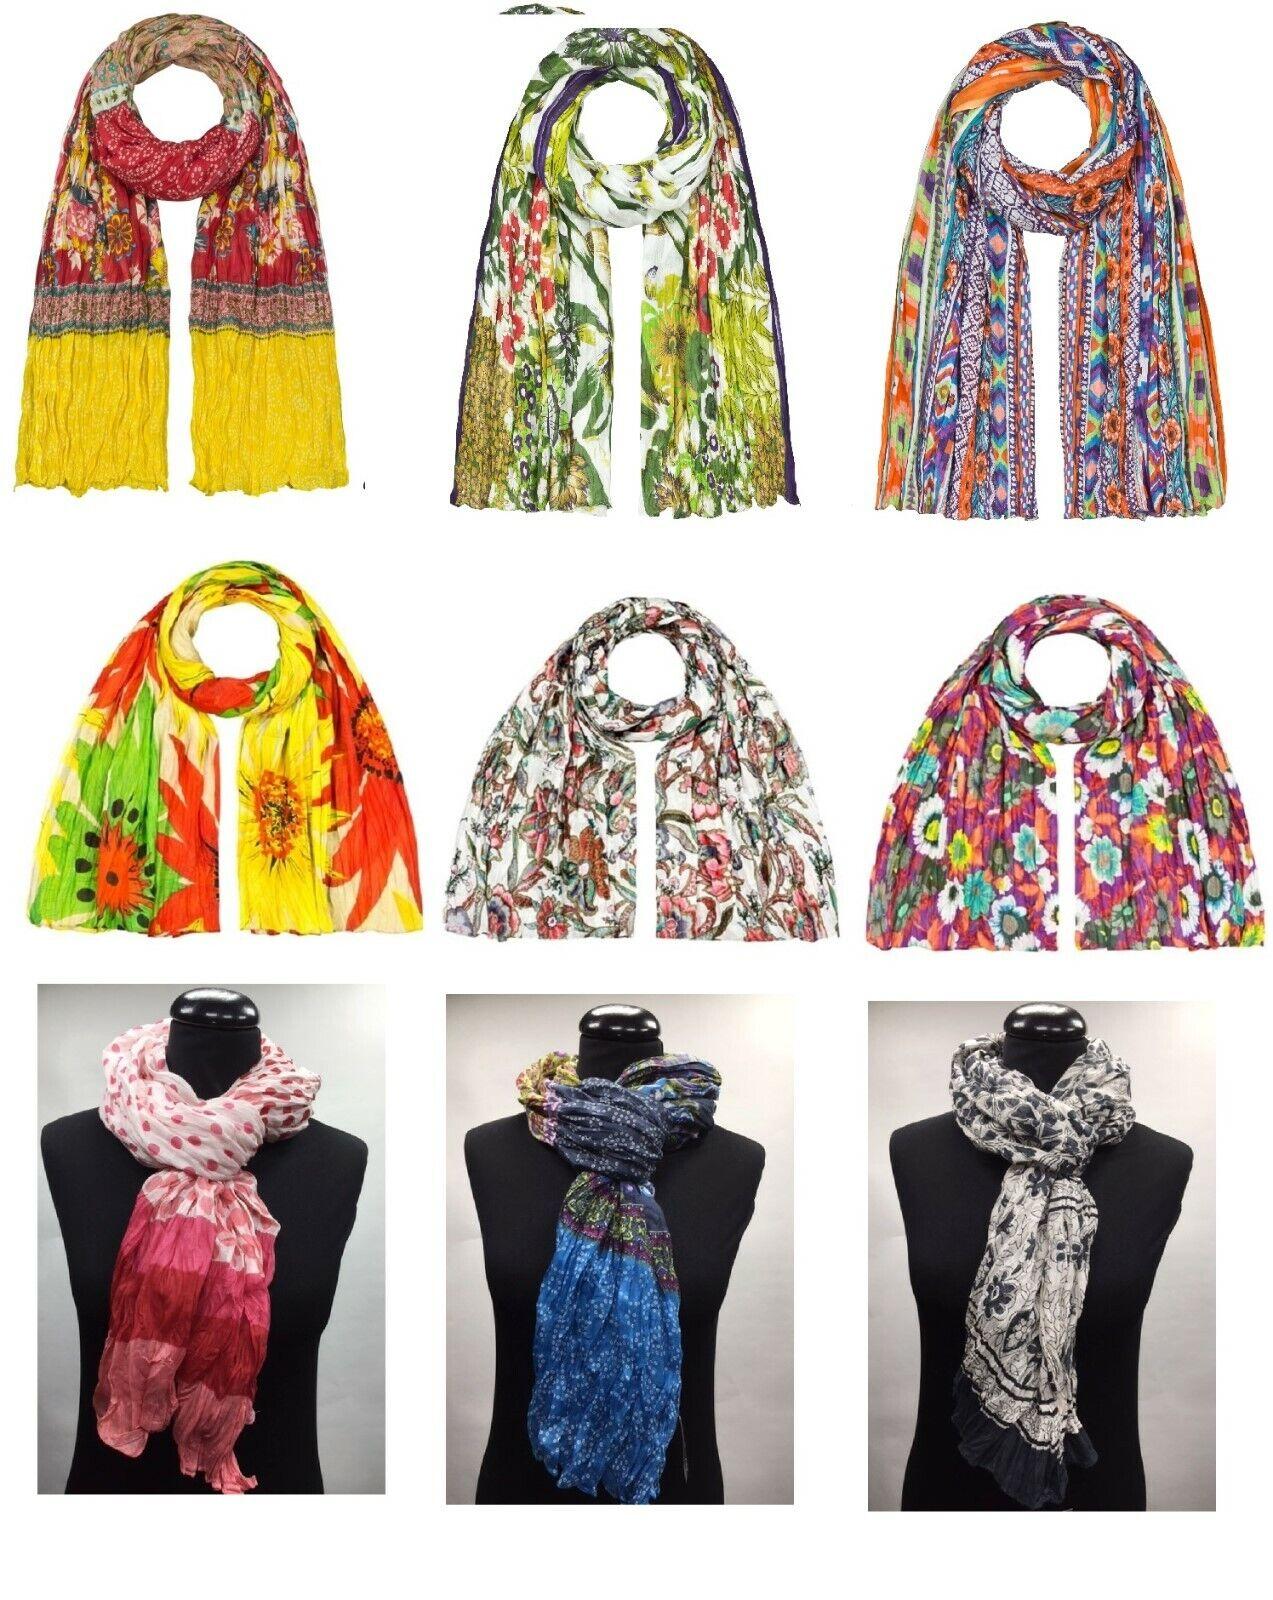 Damen Schal Halstuch Stola Neu modern klassisch Tuch 100% Baumwolle Crashoptik